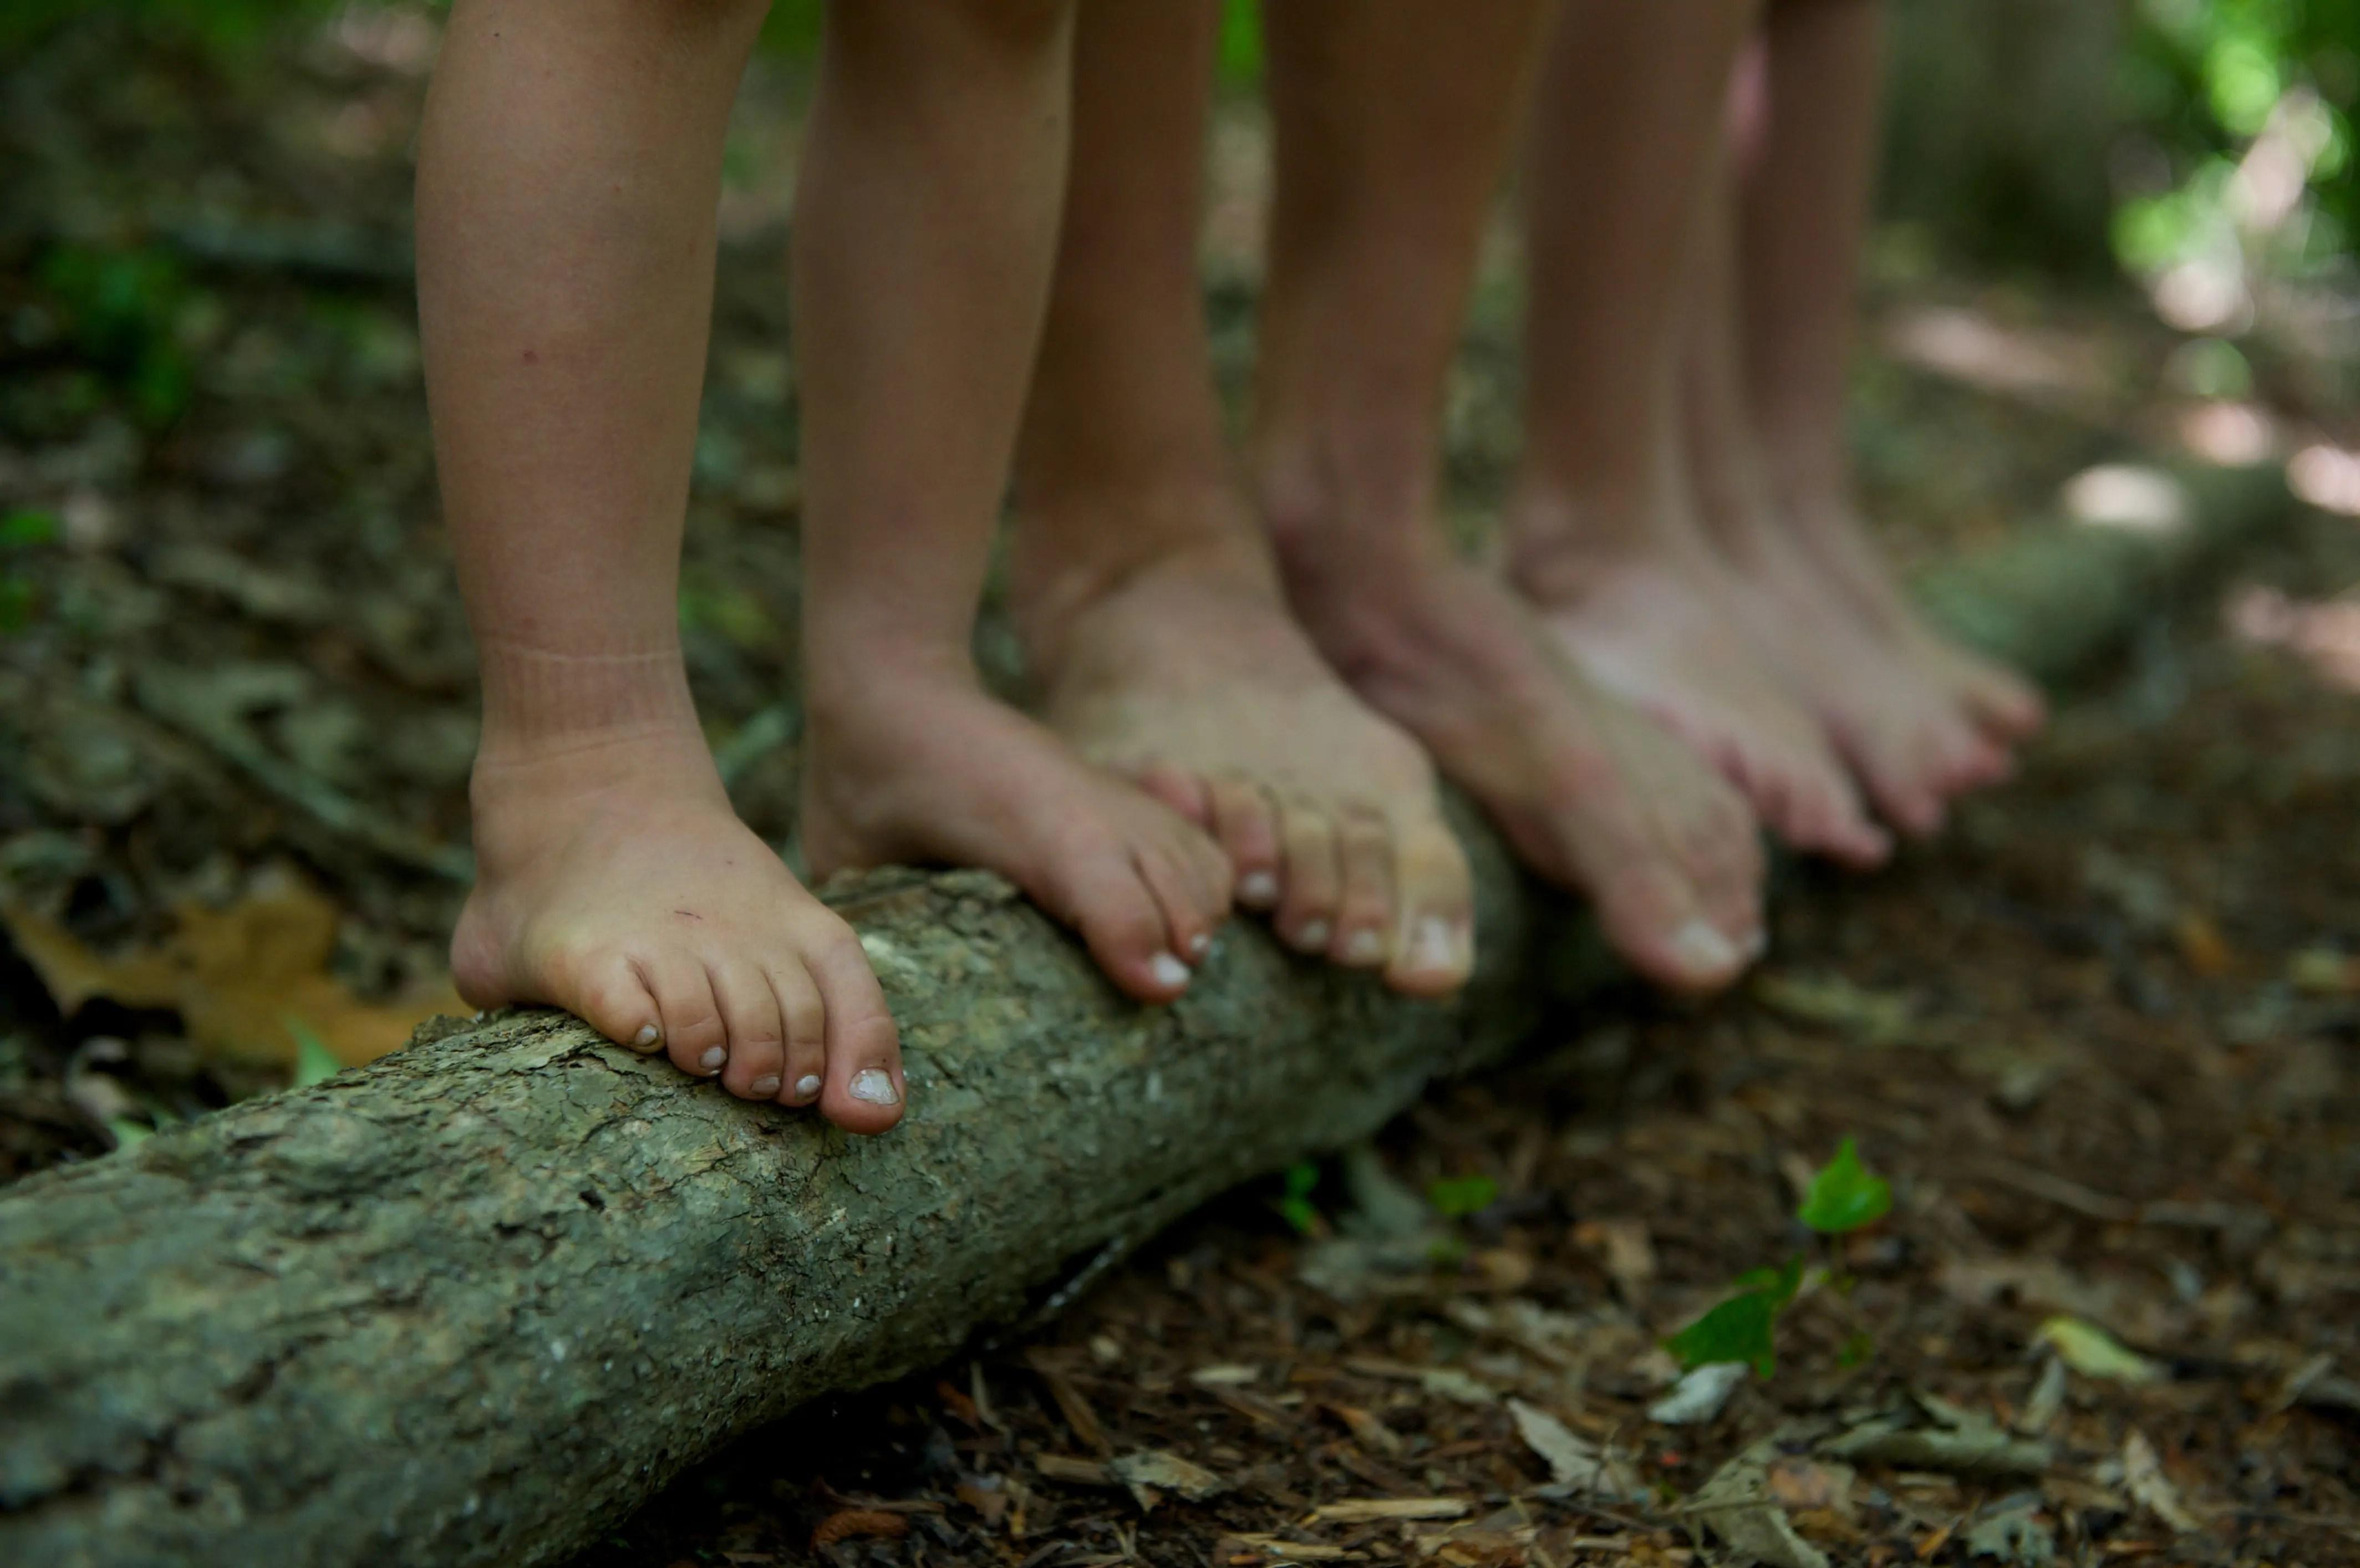 paleo lifestyle truly barefoot